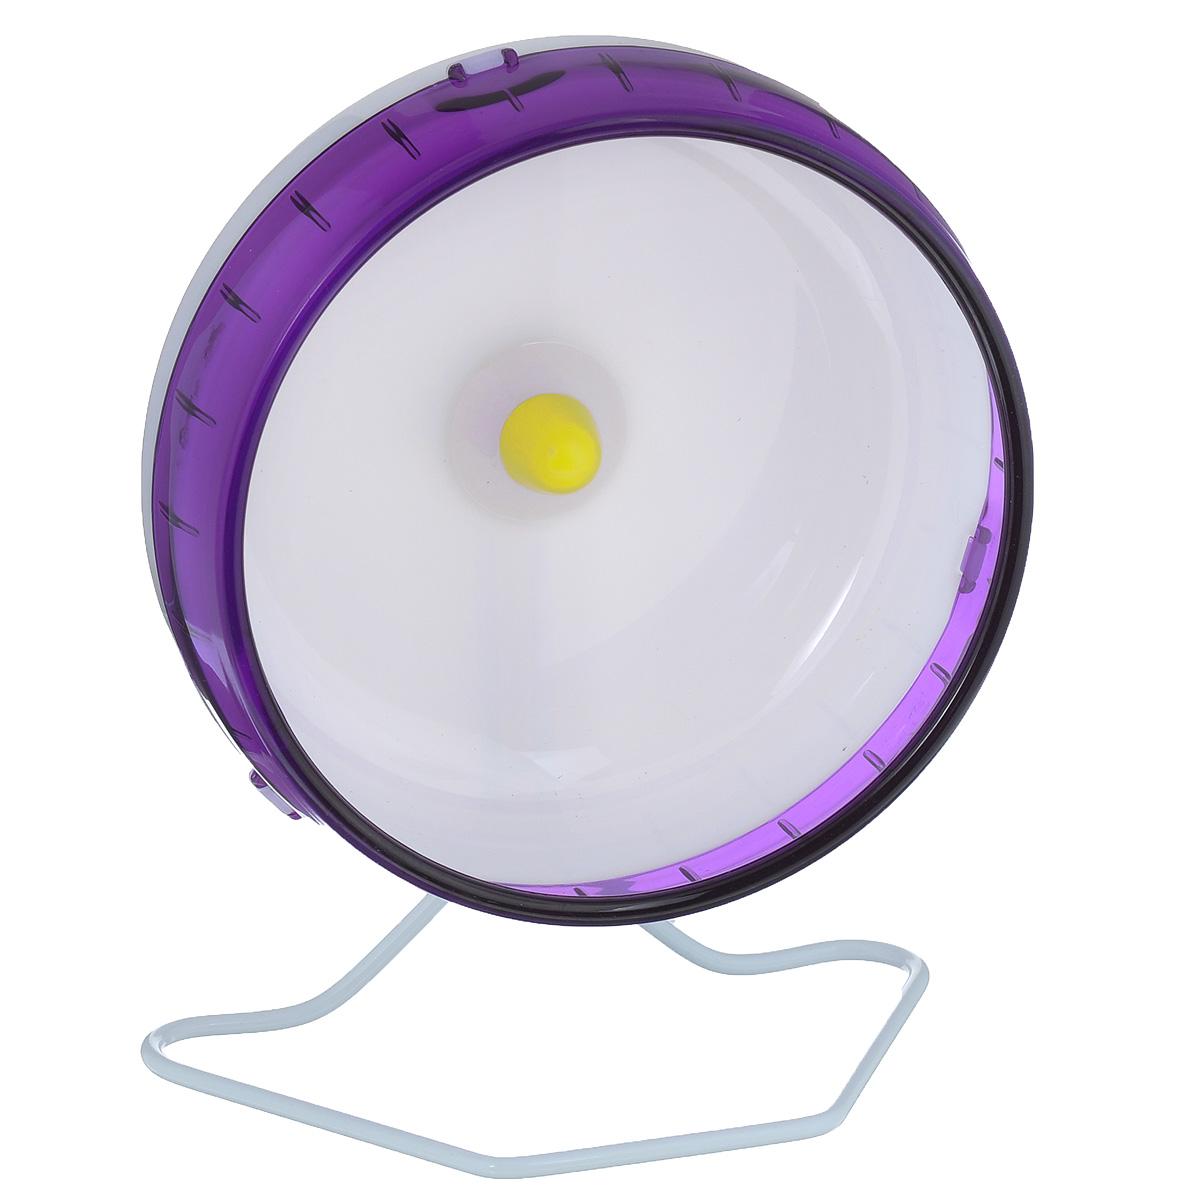 Колесо для грызунов I.P.T.S., цвет: белый, фиолетовый, диаметр 16,5 см285152Колесо для грызунов I.P.T.S., изготовленное из прочного пластика, абсолютно бесшумное. Для грызунов очень важно постоянно разминать свои лапки и поддерживать физической форму. Именно поэтому одним из самых востребованных дополнительных аксессуаров для них являются различные приспособления для бега. Тренировки на колесе станут питомцу в радость и не позволят набрать лишний вес. Предназначено для сирийских и карликовых хомяков, а также мышей. Диаметр колеса: 16,5 см.